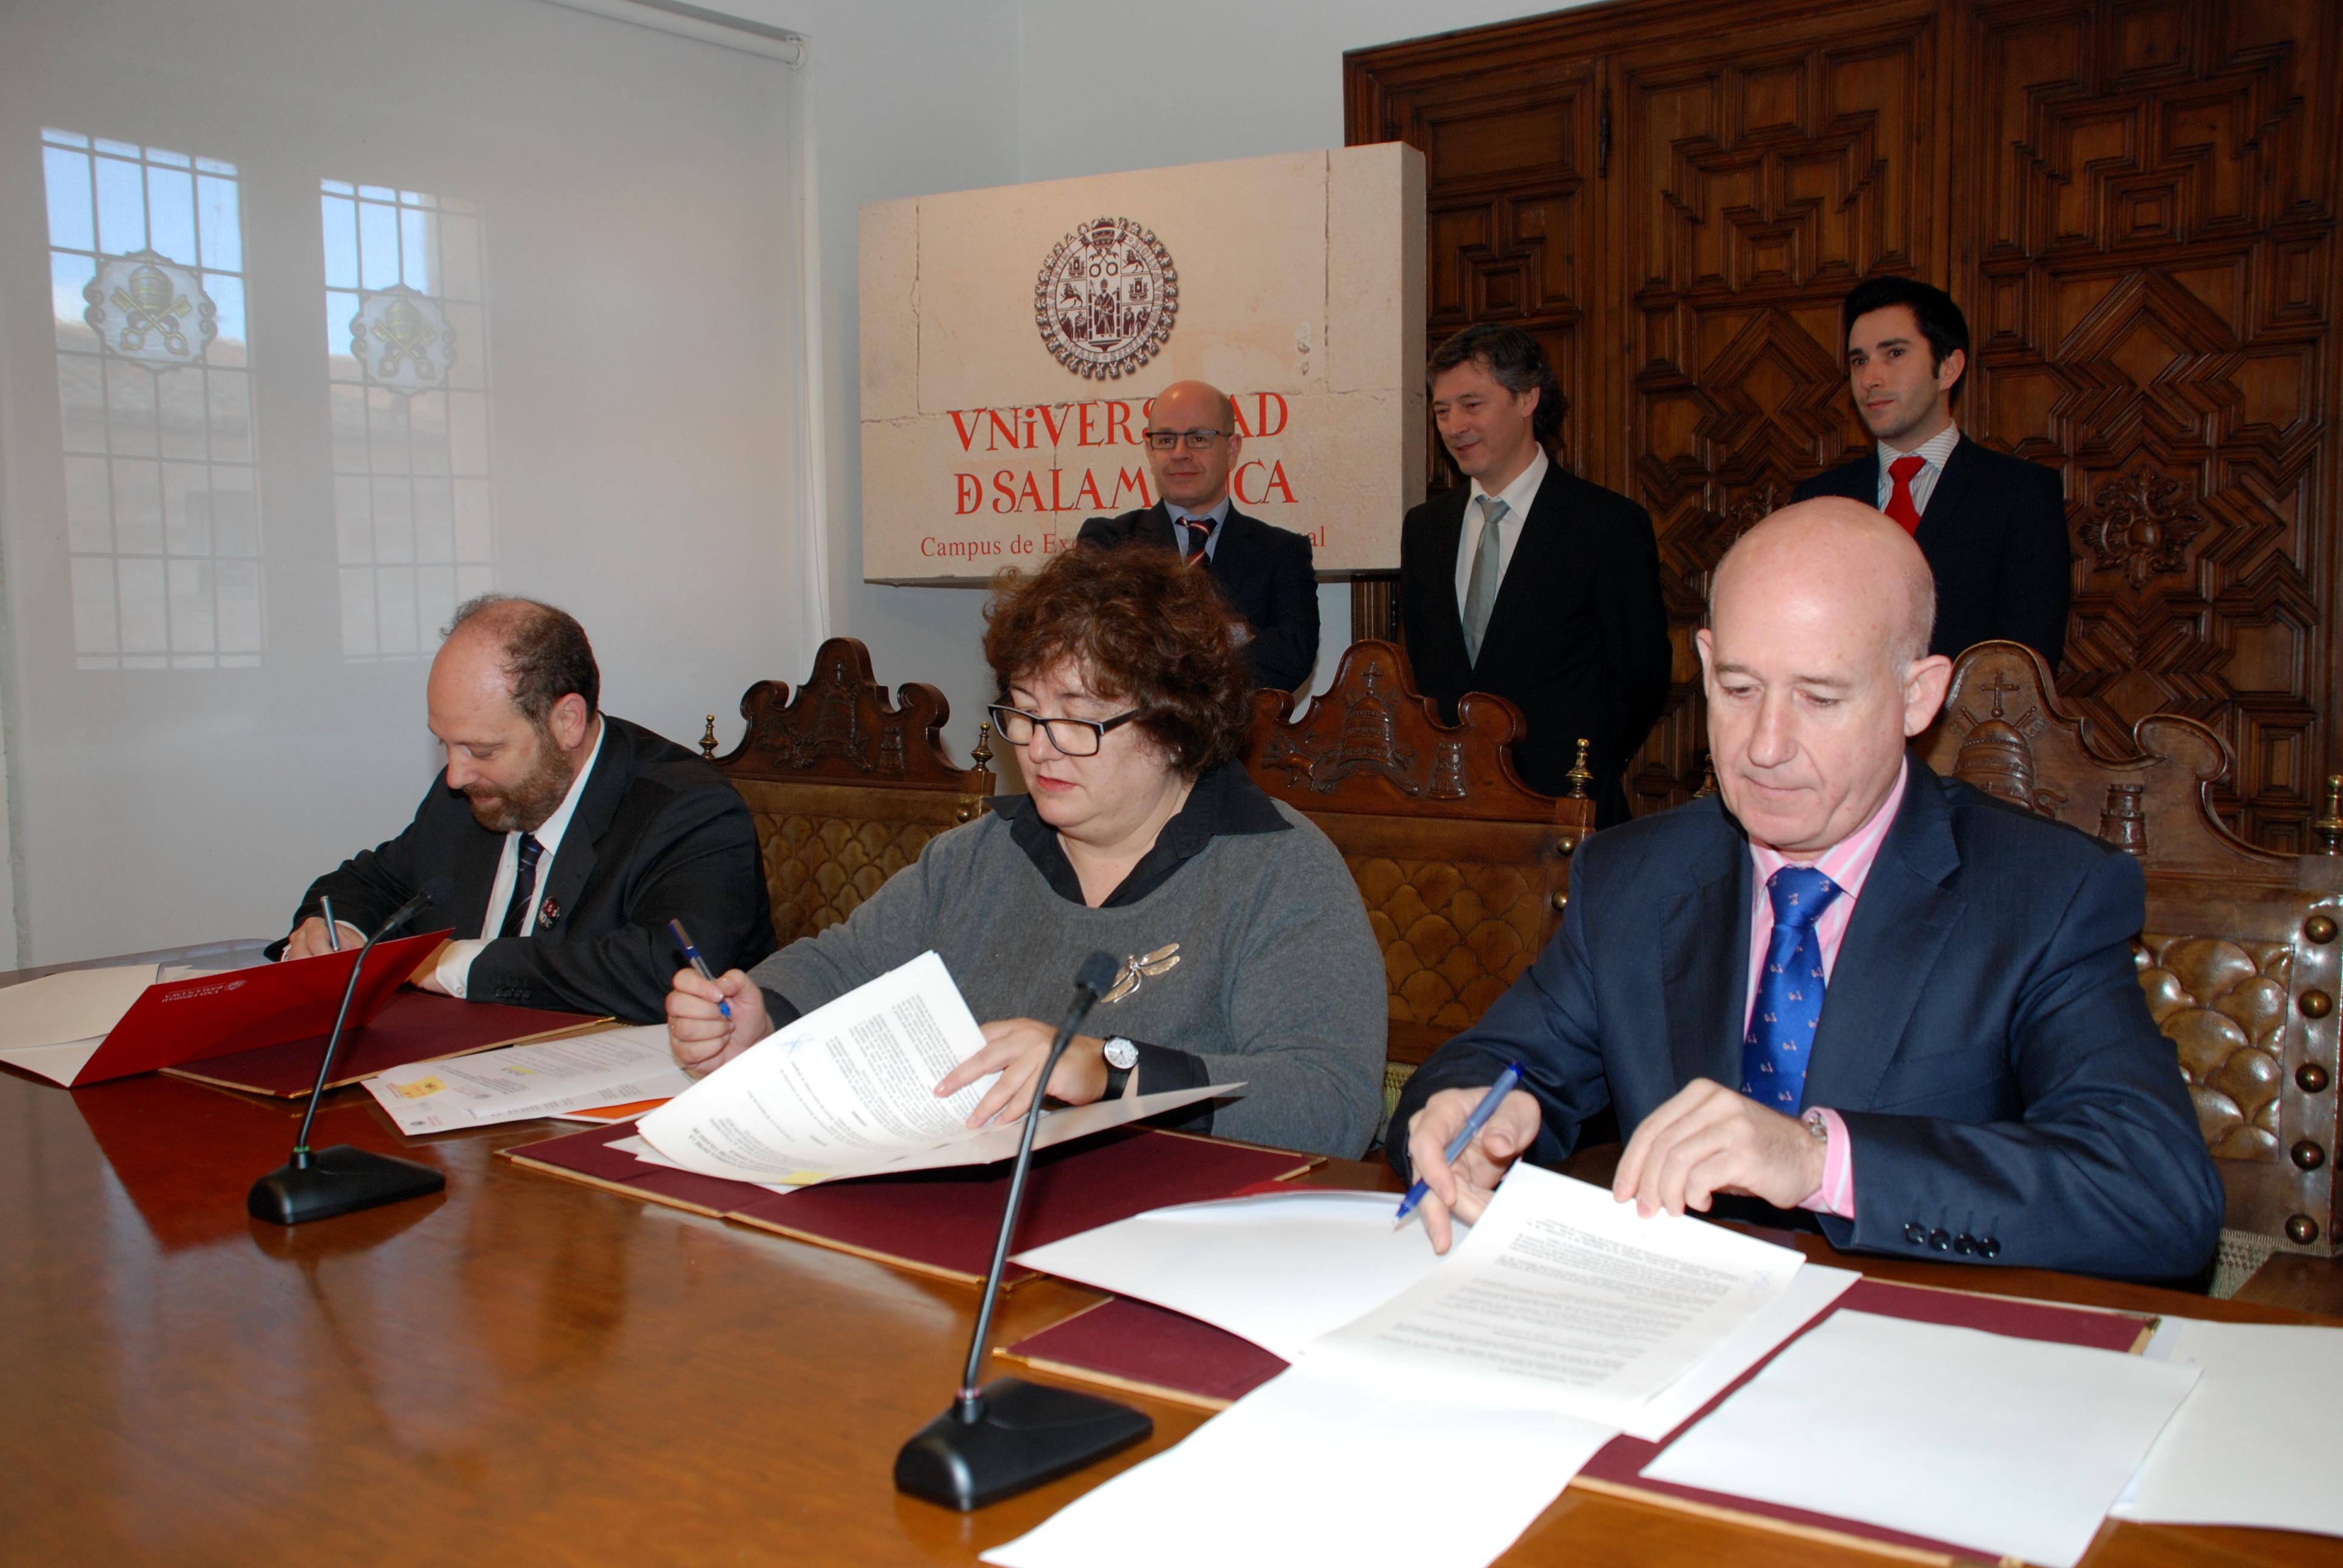 La Universidad de Salamanca, la Cámara de Comercio y el Colegio de Abogados de Salamanca impulsan la creación del 'Título propio 'Diploma de especialización en mediación'